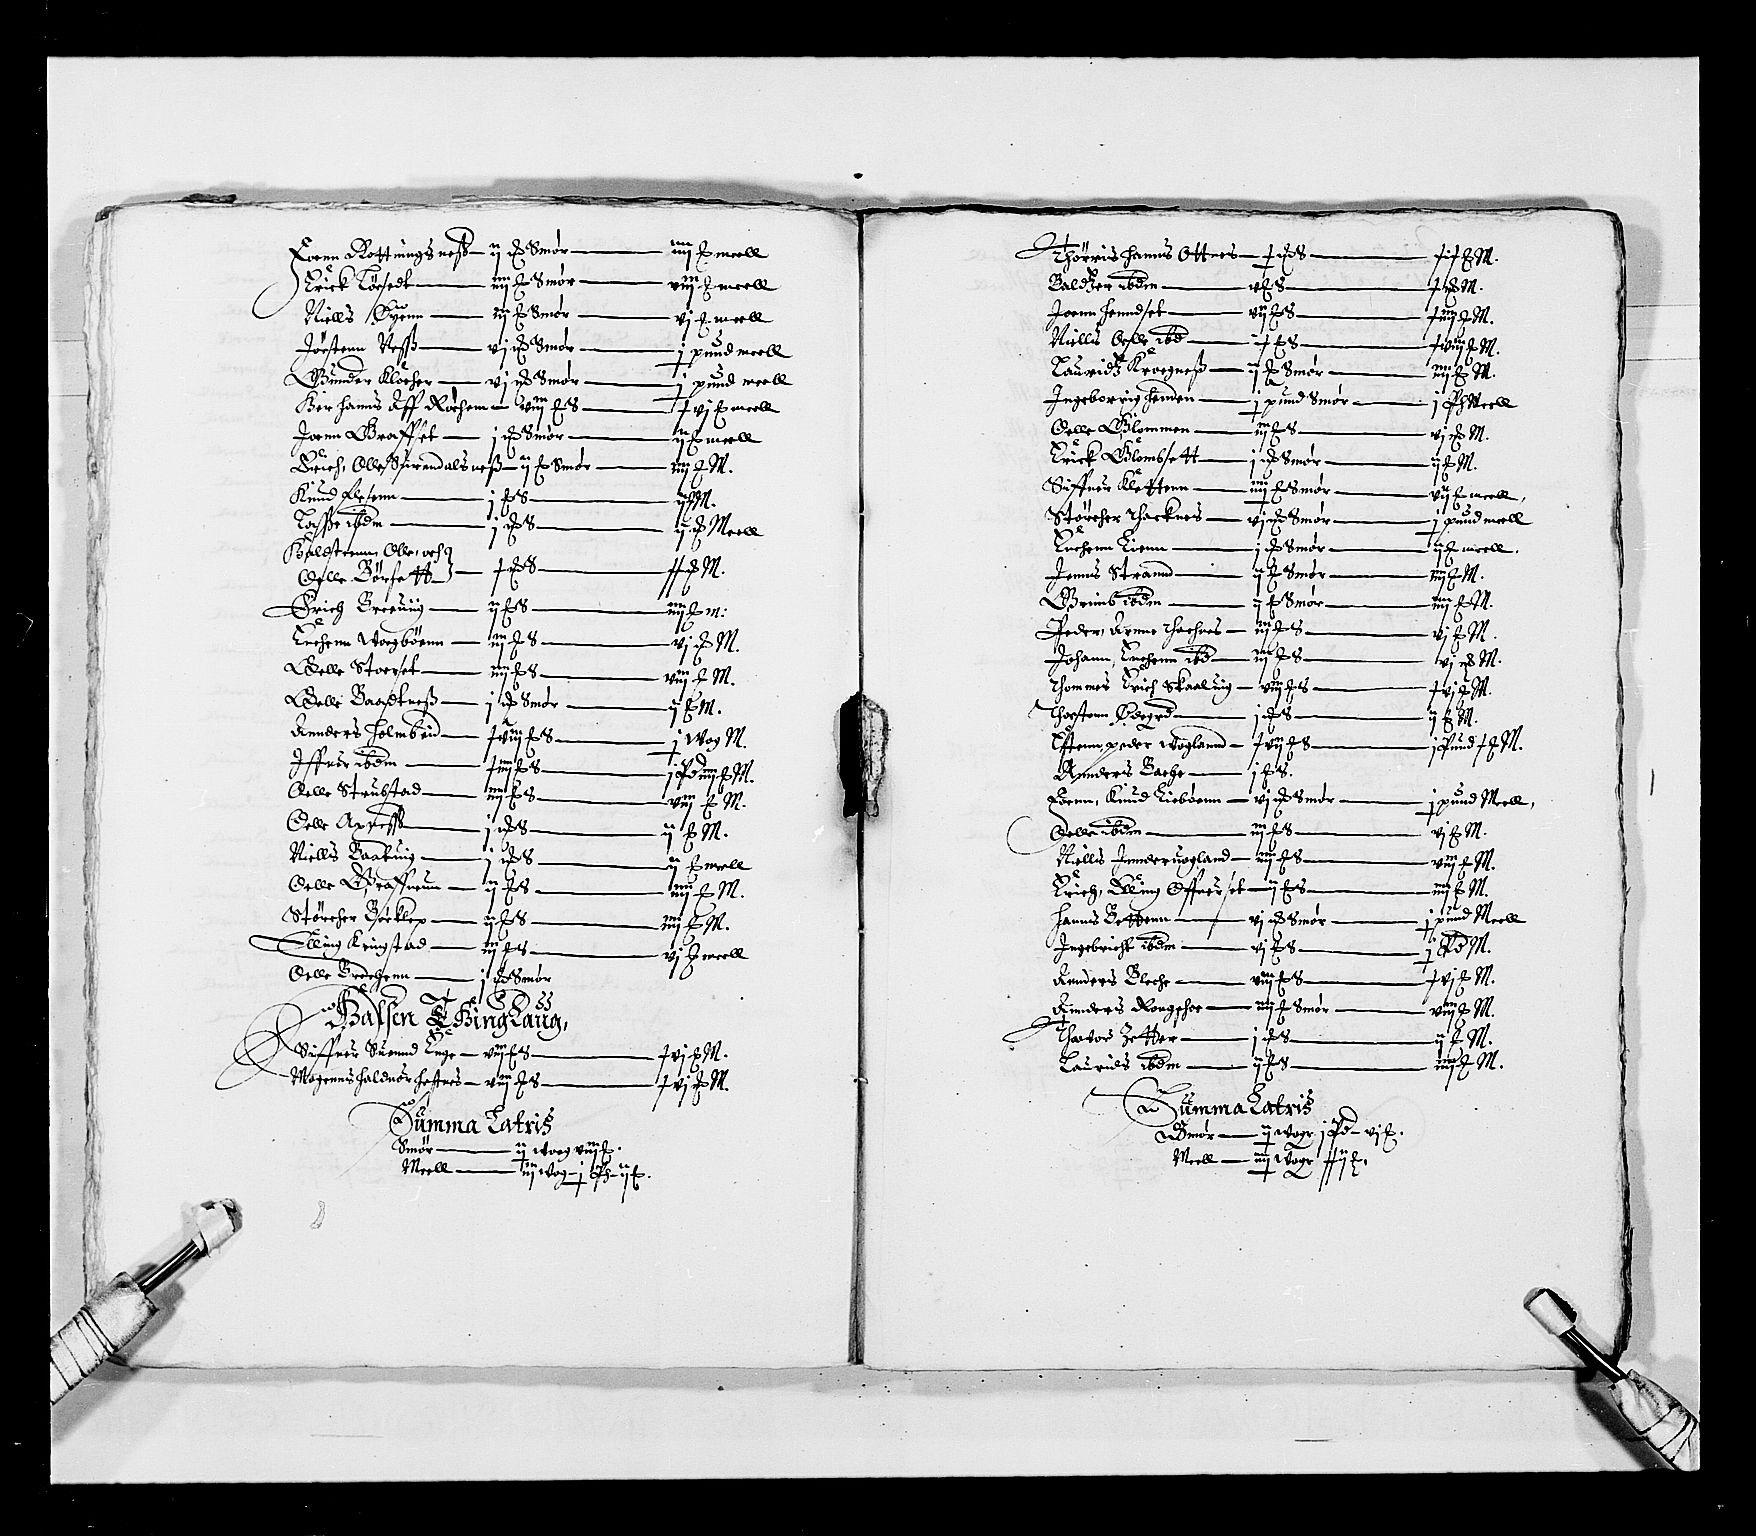 RA, Stattholderembetet 1572-1771, Ek/L0028: Jordebøker 1633-1658:, 1645-1646, s. 12